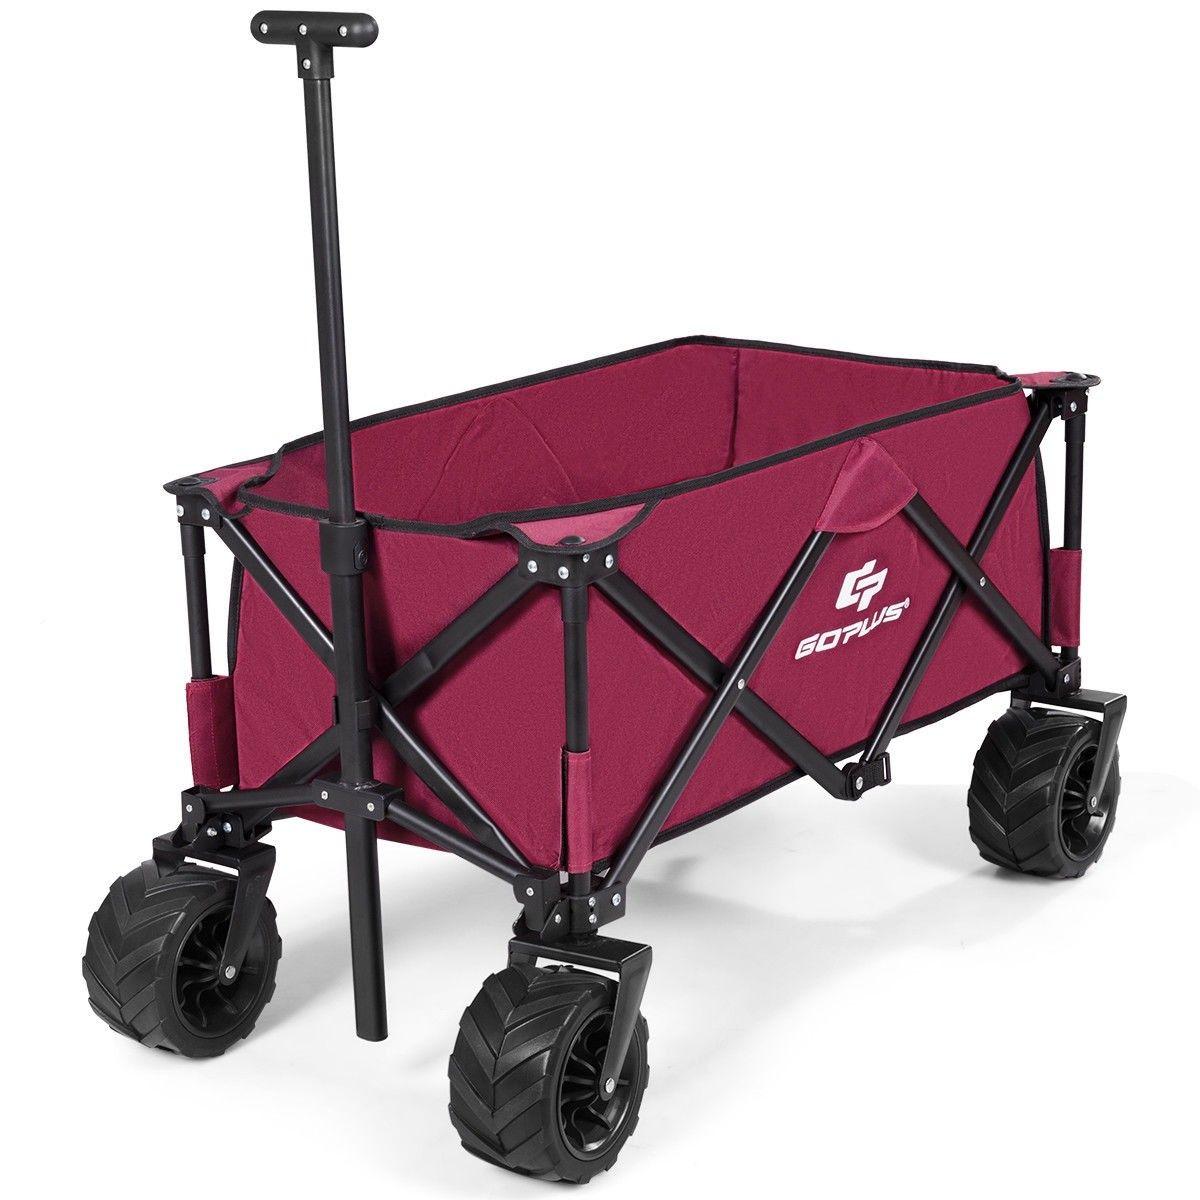 Utility Garden Trolley Folding Wagon